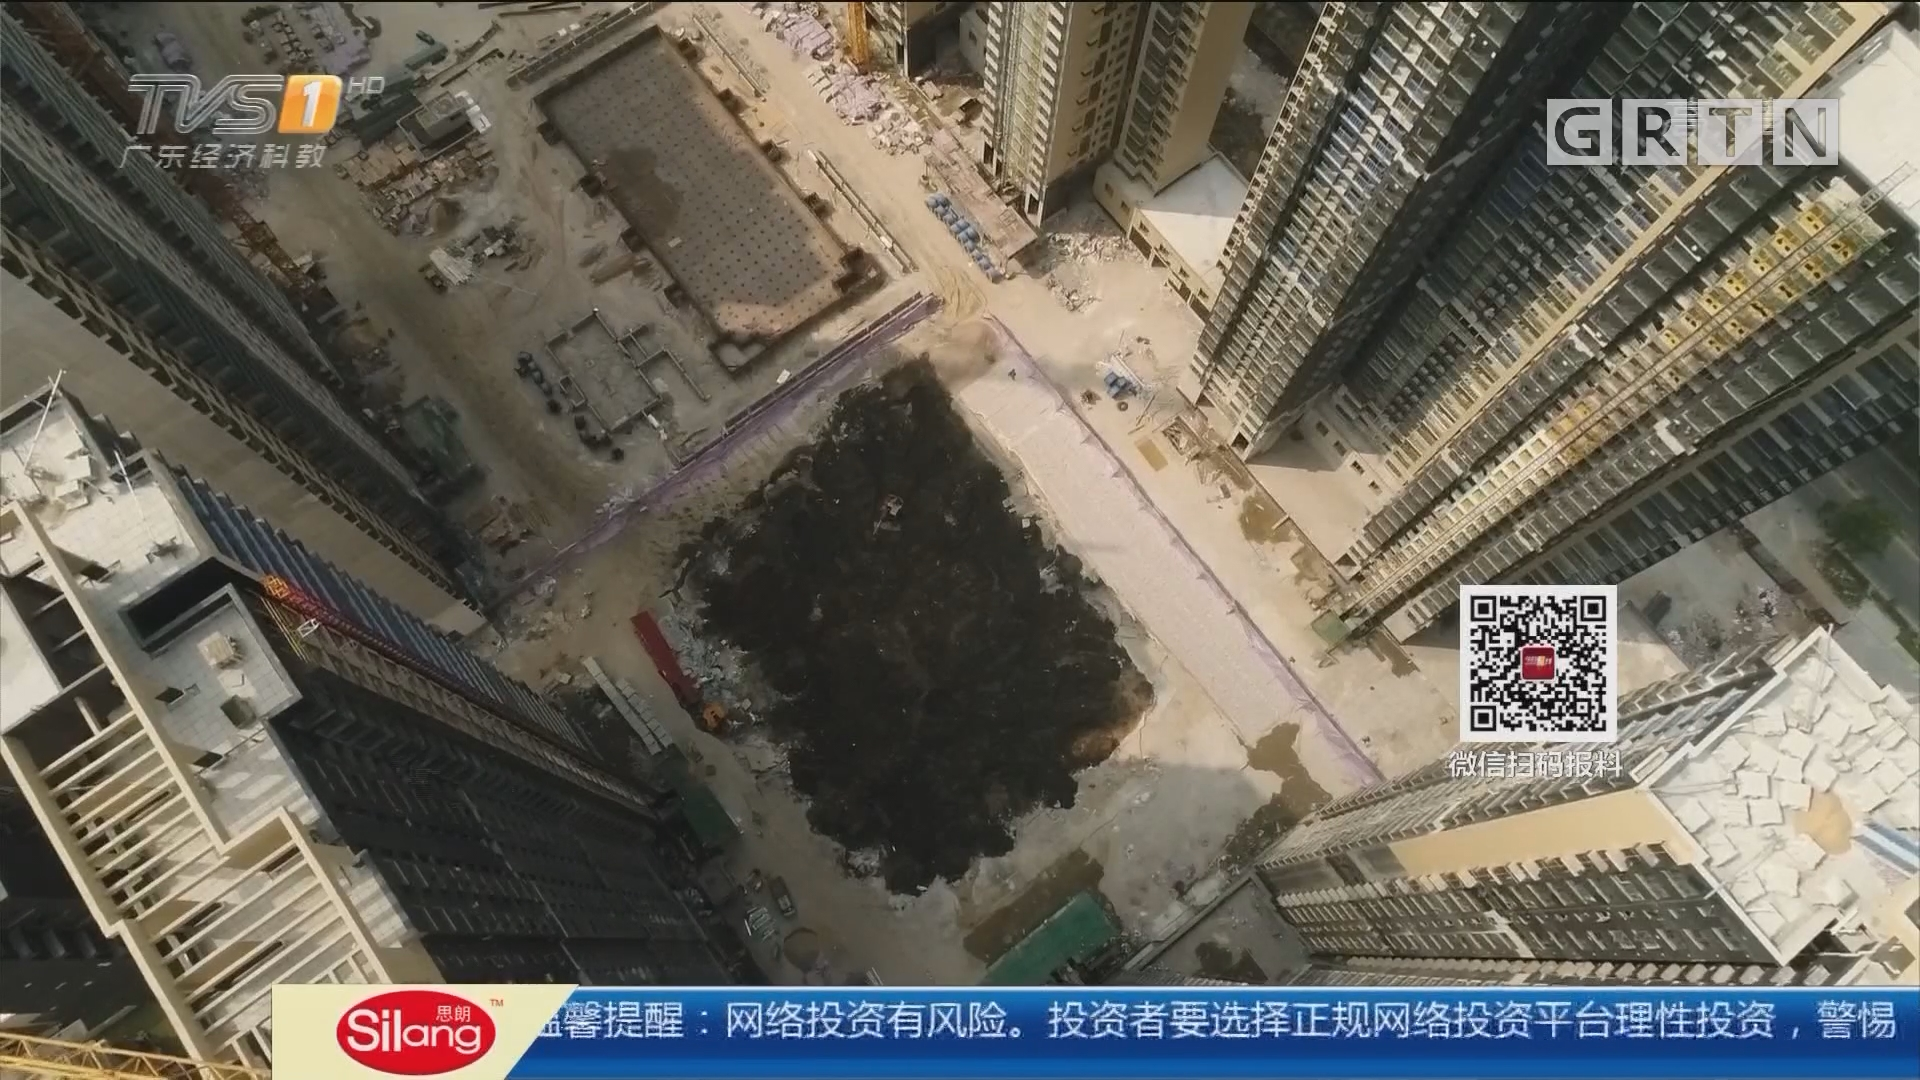 中山古镇:一楼盘在建工地突然坍塌 政府部门介入